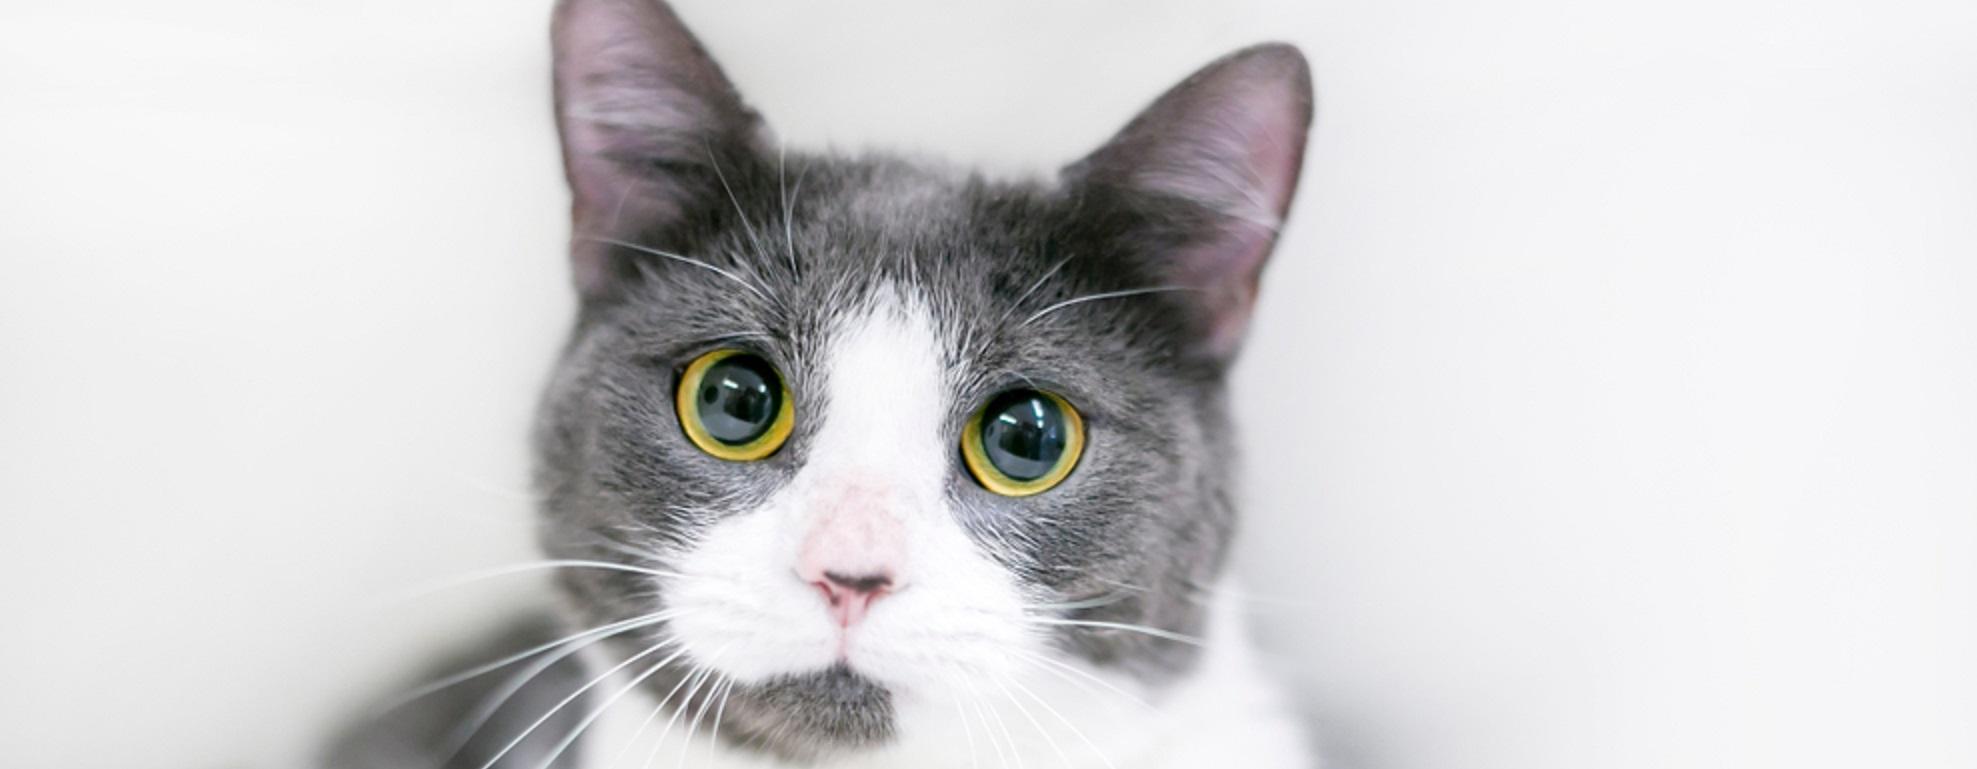 A cat with big pupils